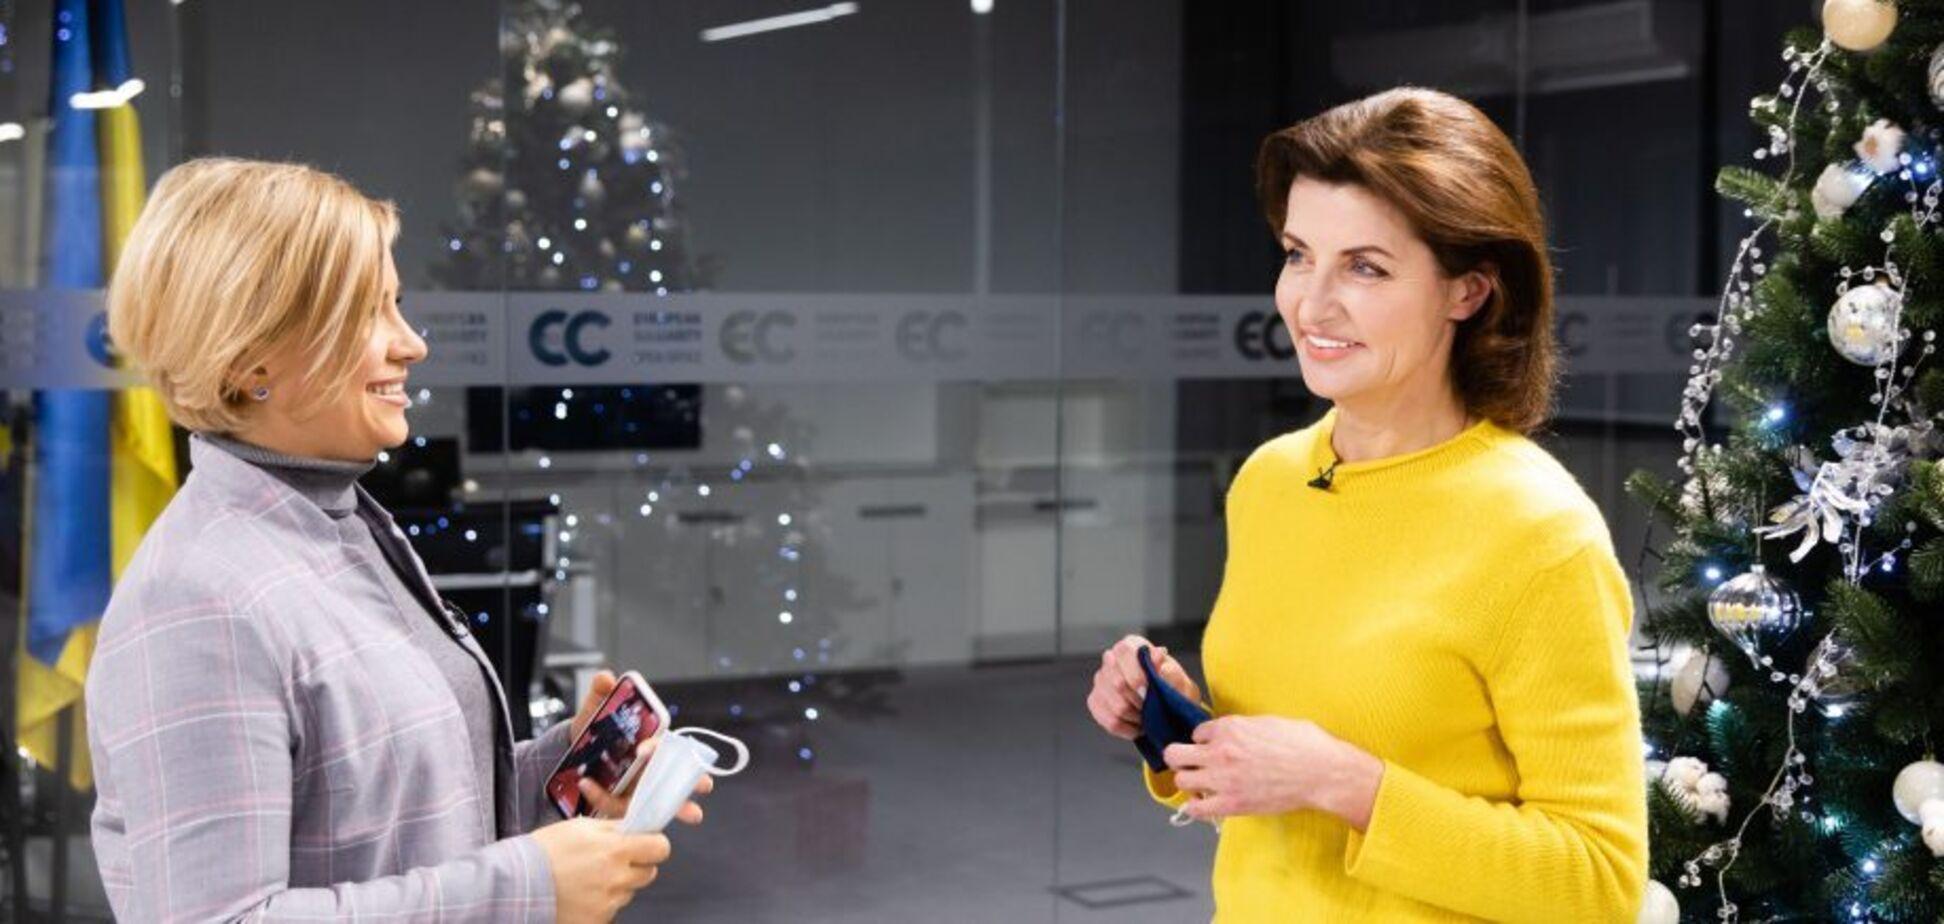 Марина Порошенко дала интервью журналистке Юлии Литвиненко